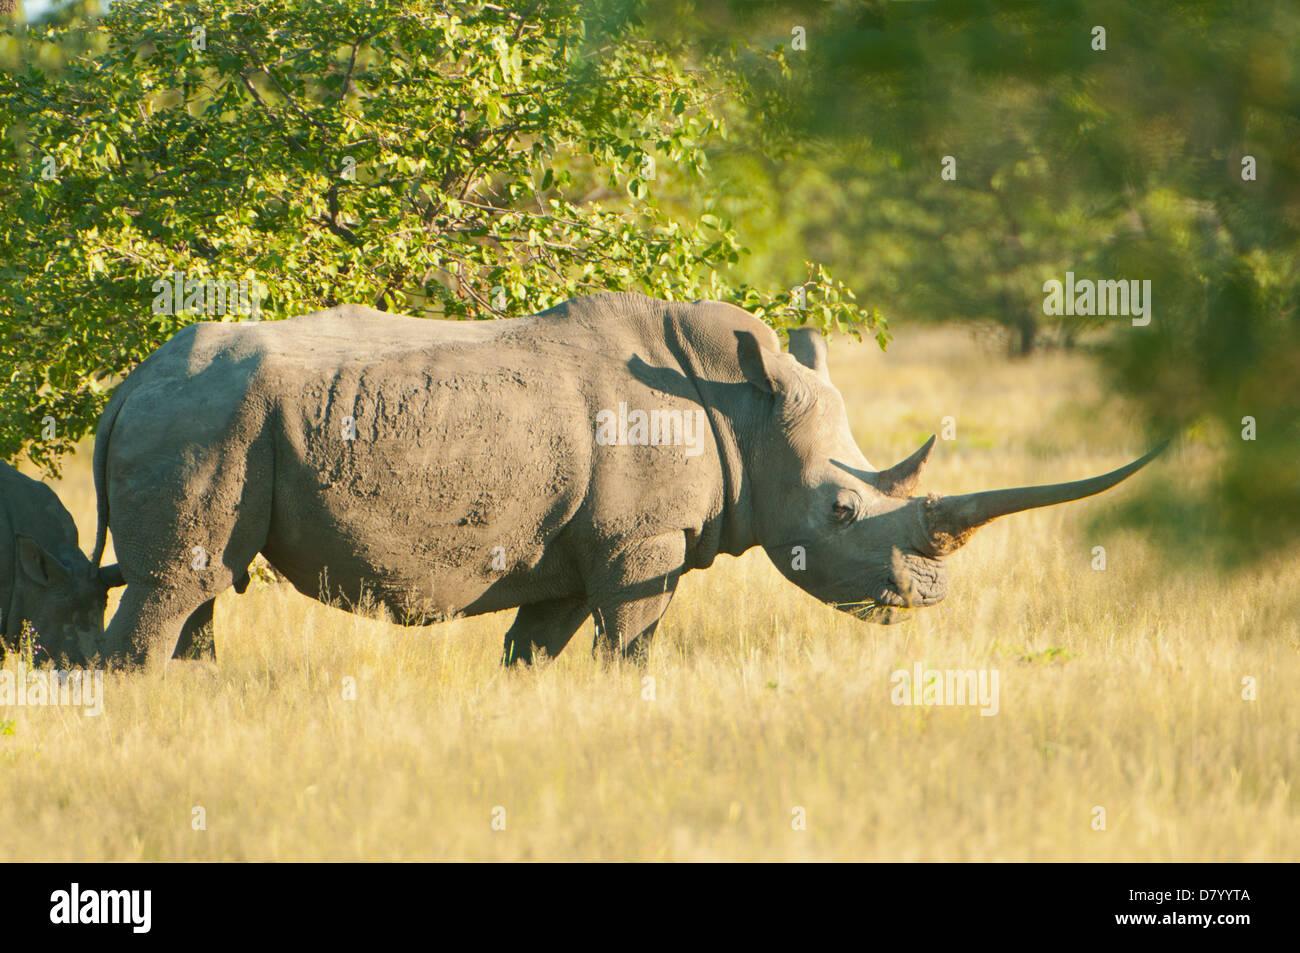 White Rhinoceros in Ongava, near Etosha National Park, Namibia - Stock Photo